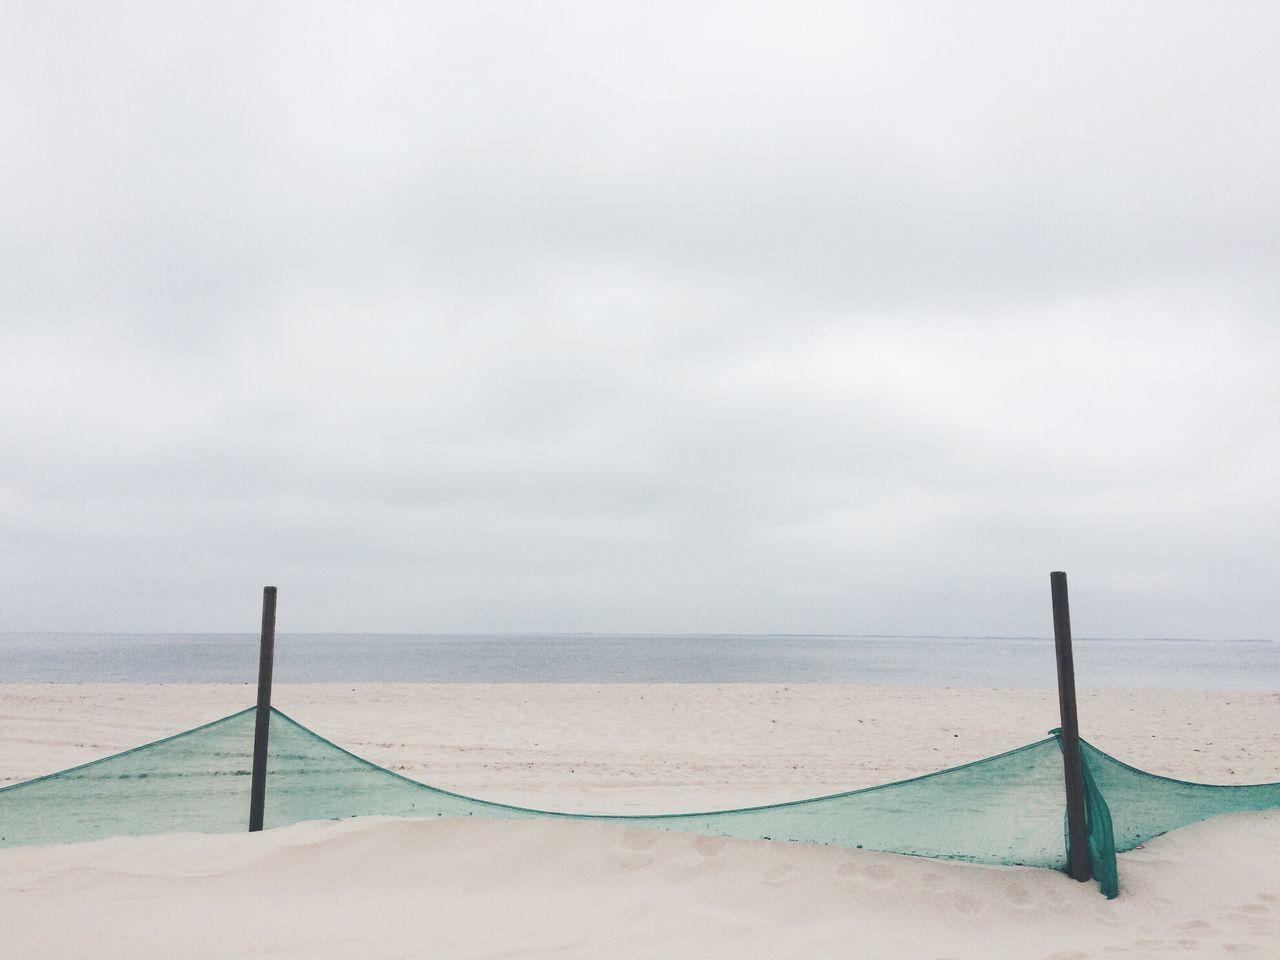 Beach on overcast day